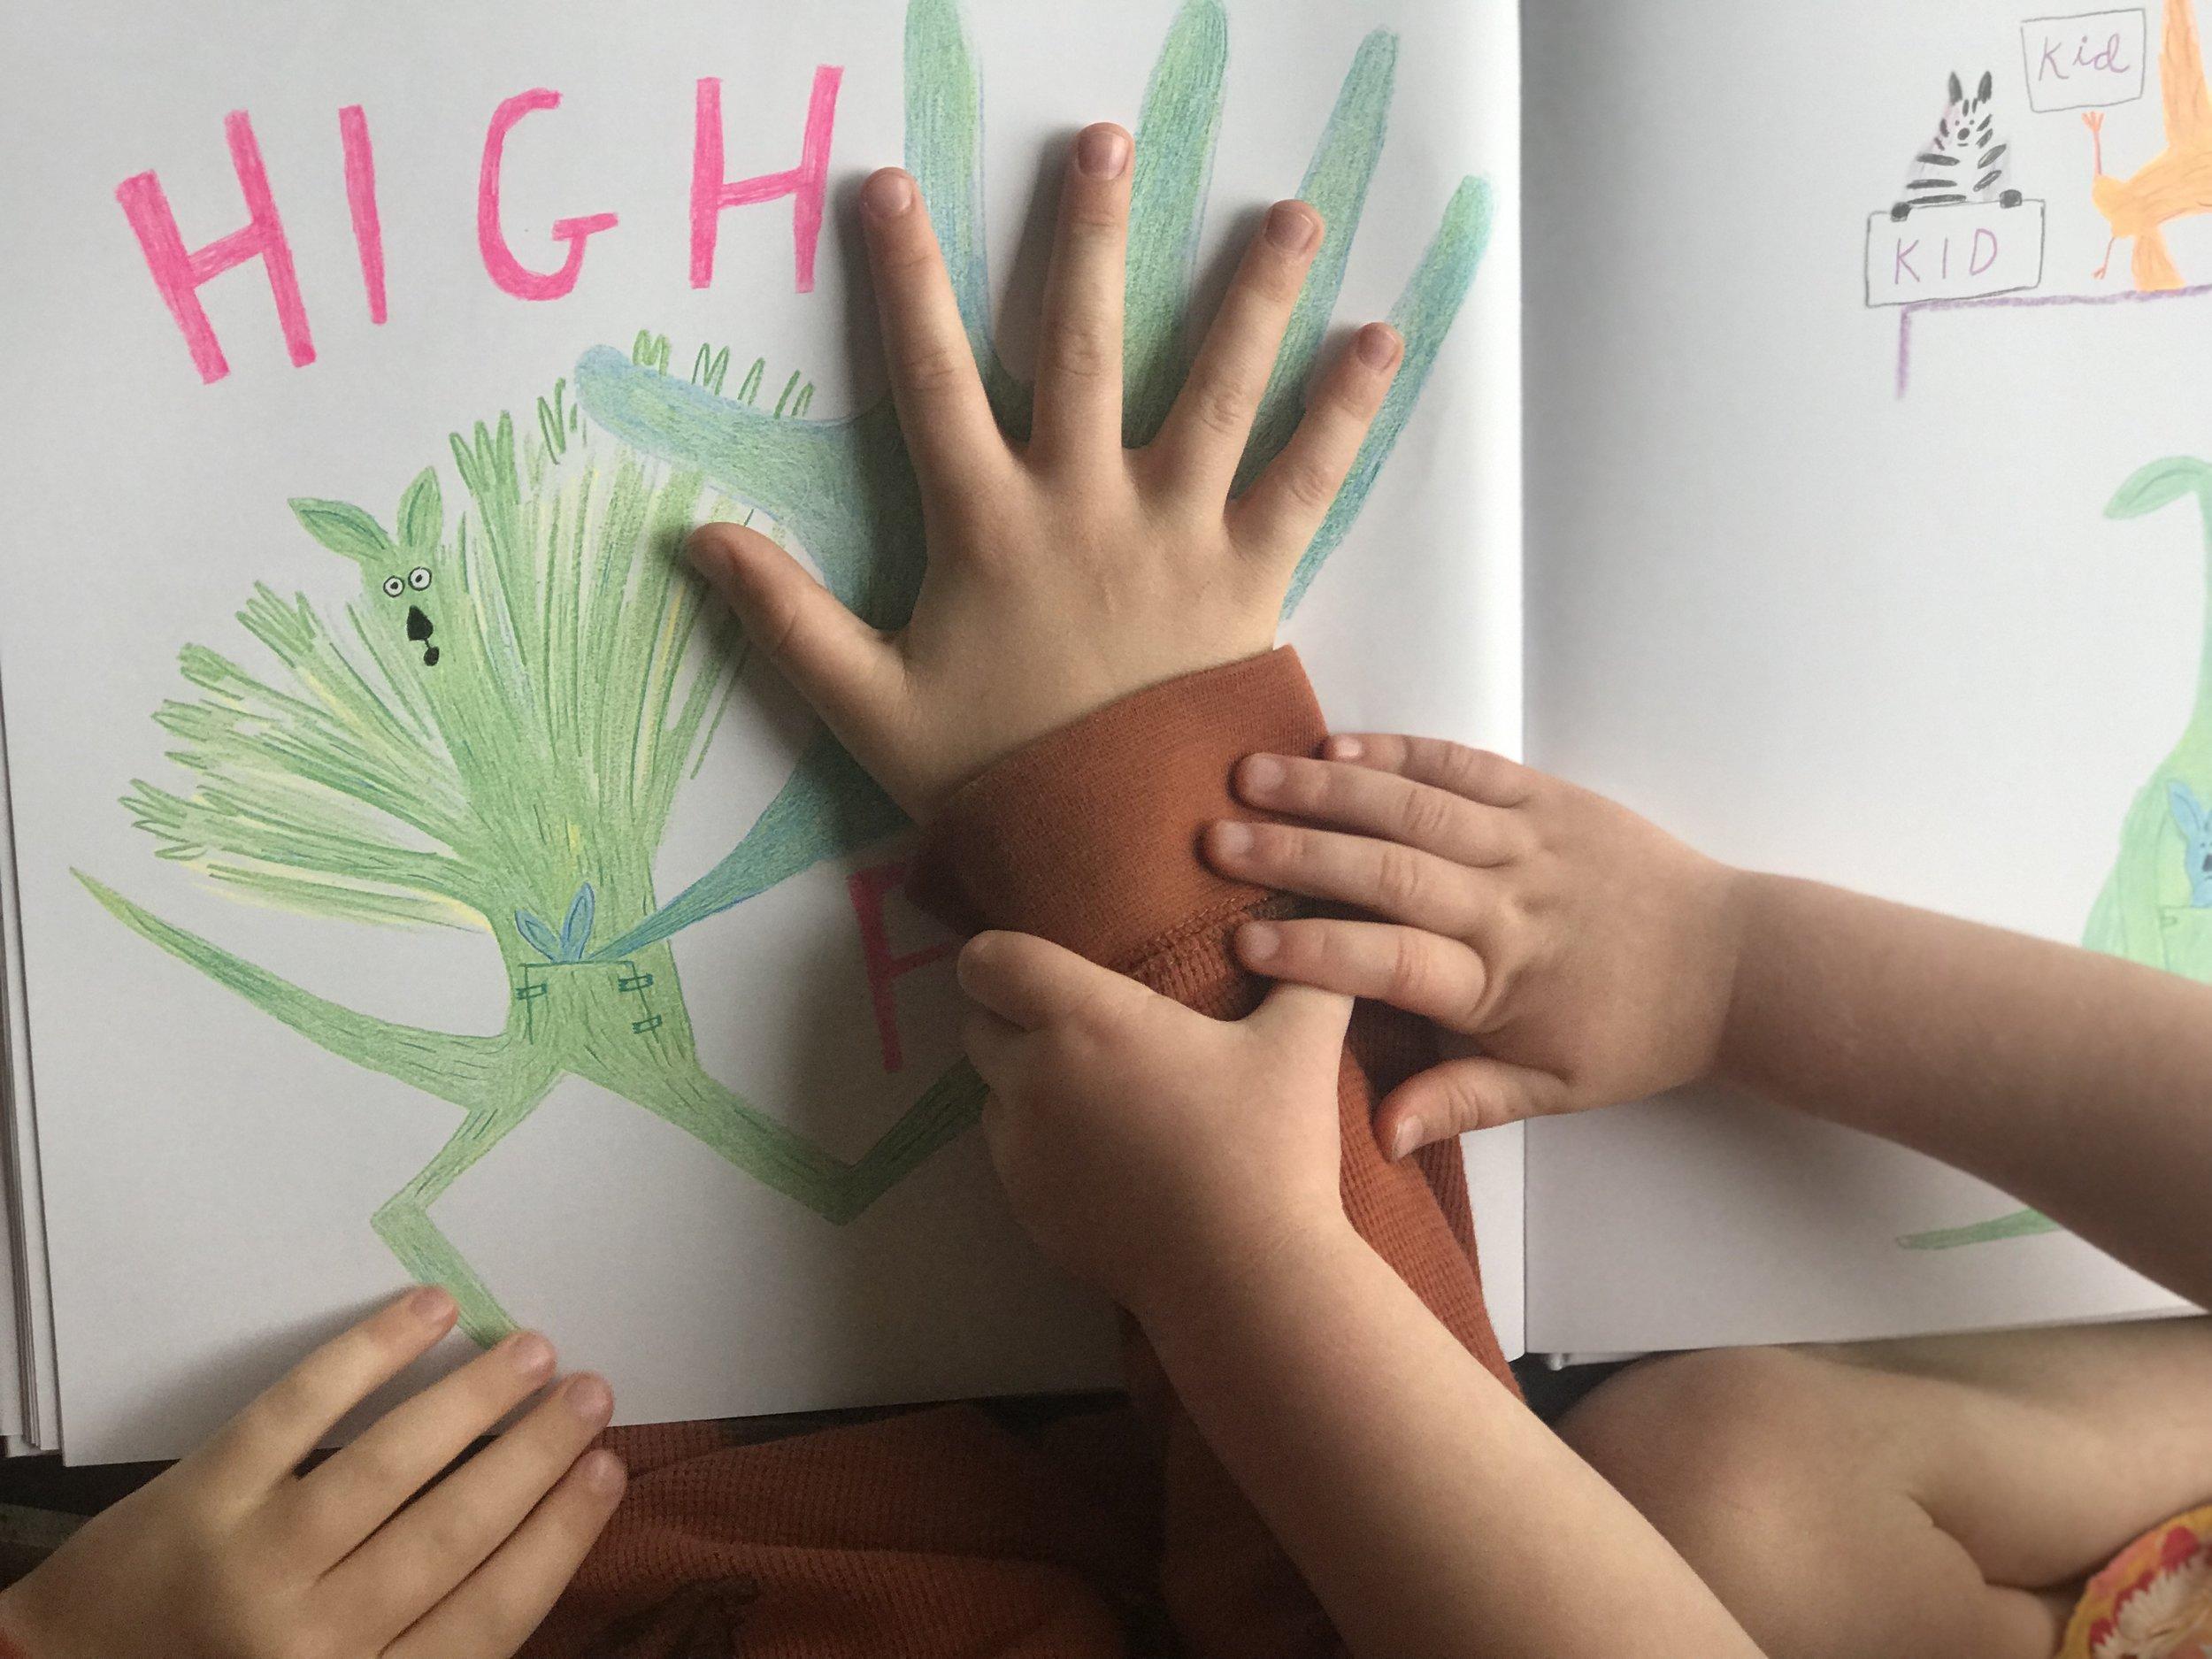 High Five picture book Adam Rubin Daniel Salmieri.jpg